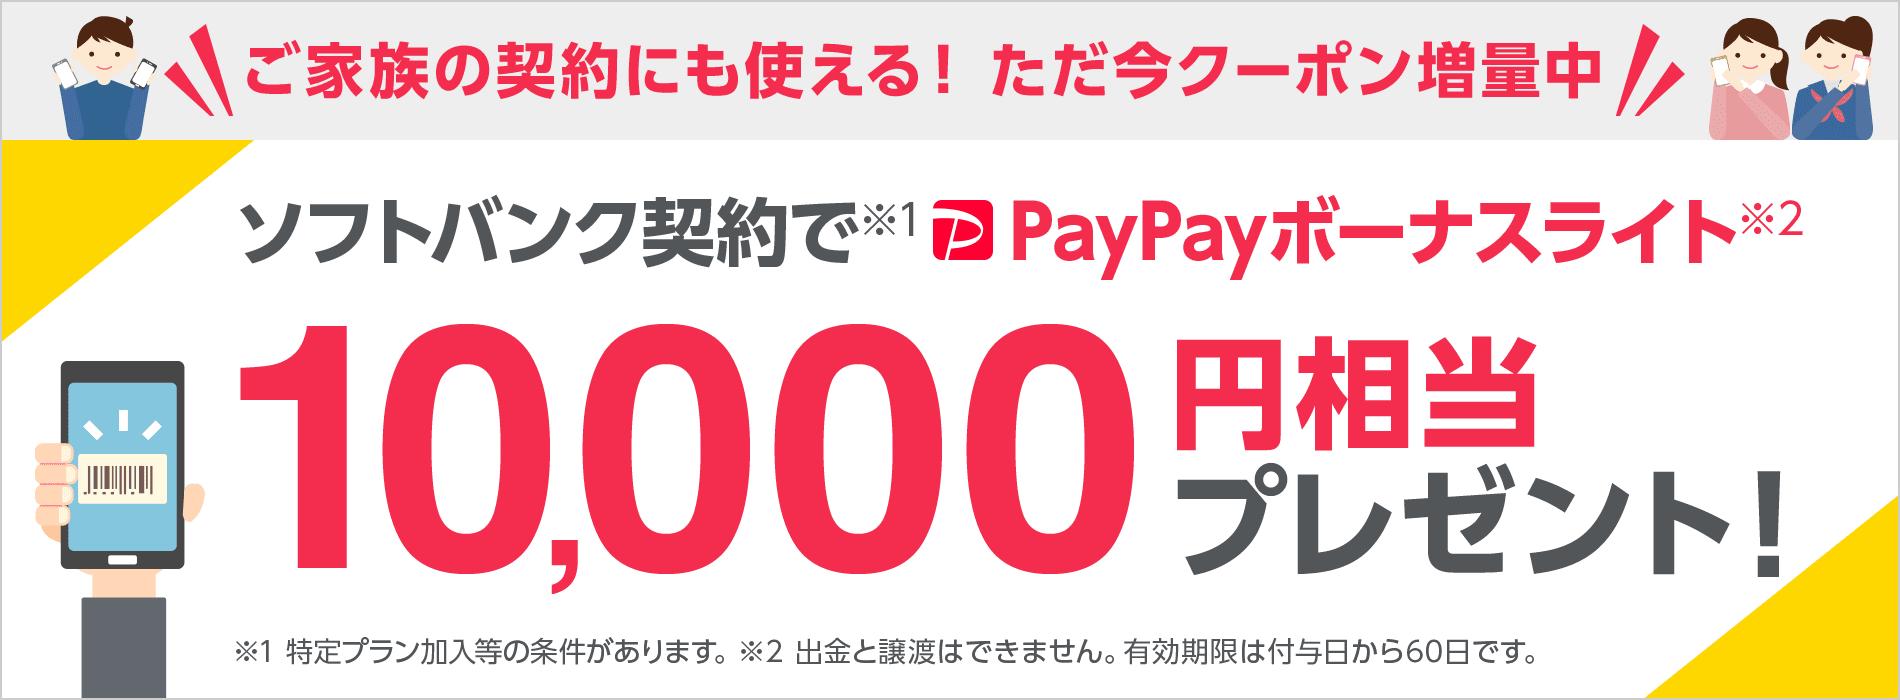 ご家族の契約にも使える! ただ今クーポン増量中 ソフトバンク契約で※1 PayPayボーナスライト※2 10,000円相当プレゼント!※1 特定プラン加入等の条件があります。 ※2 出金と譲渡はできません。有効期限は付与日から60日です。